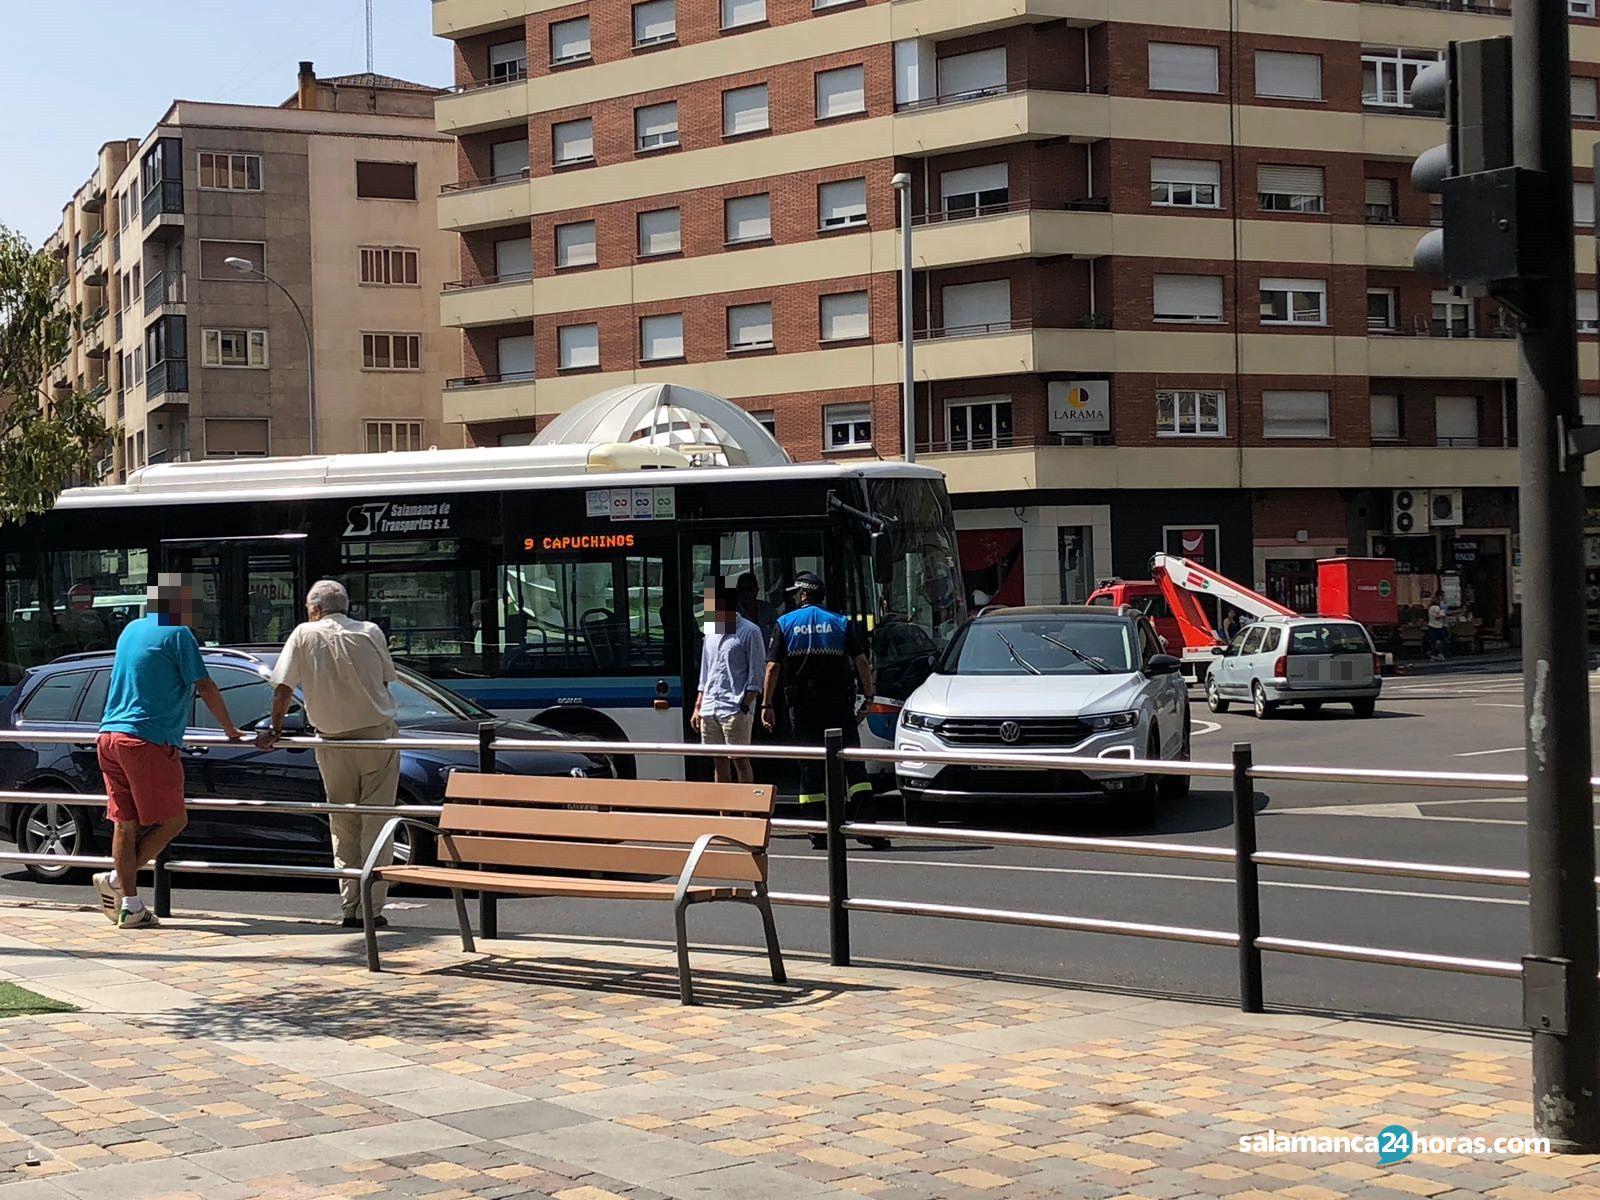 Accidente Autobús Coche rotonda UDS (2)